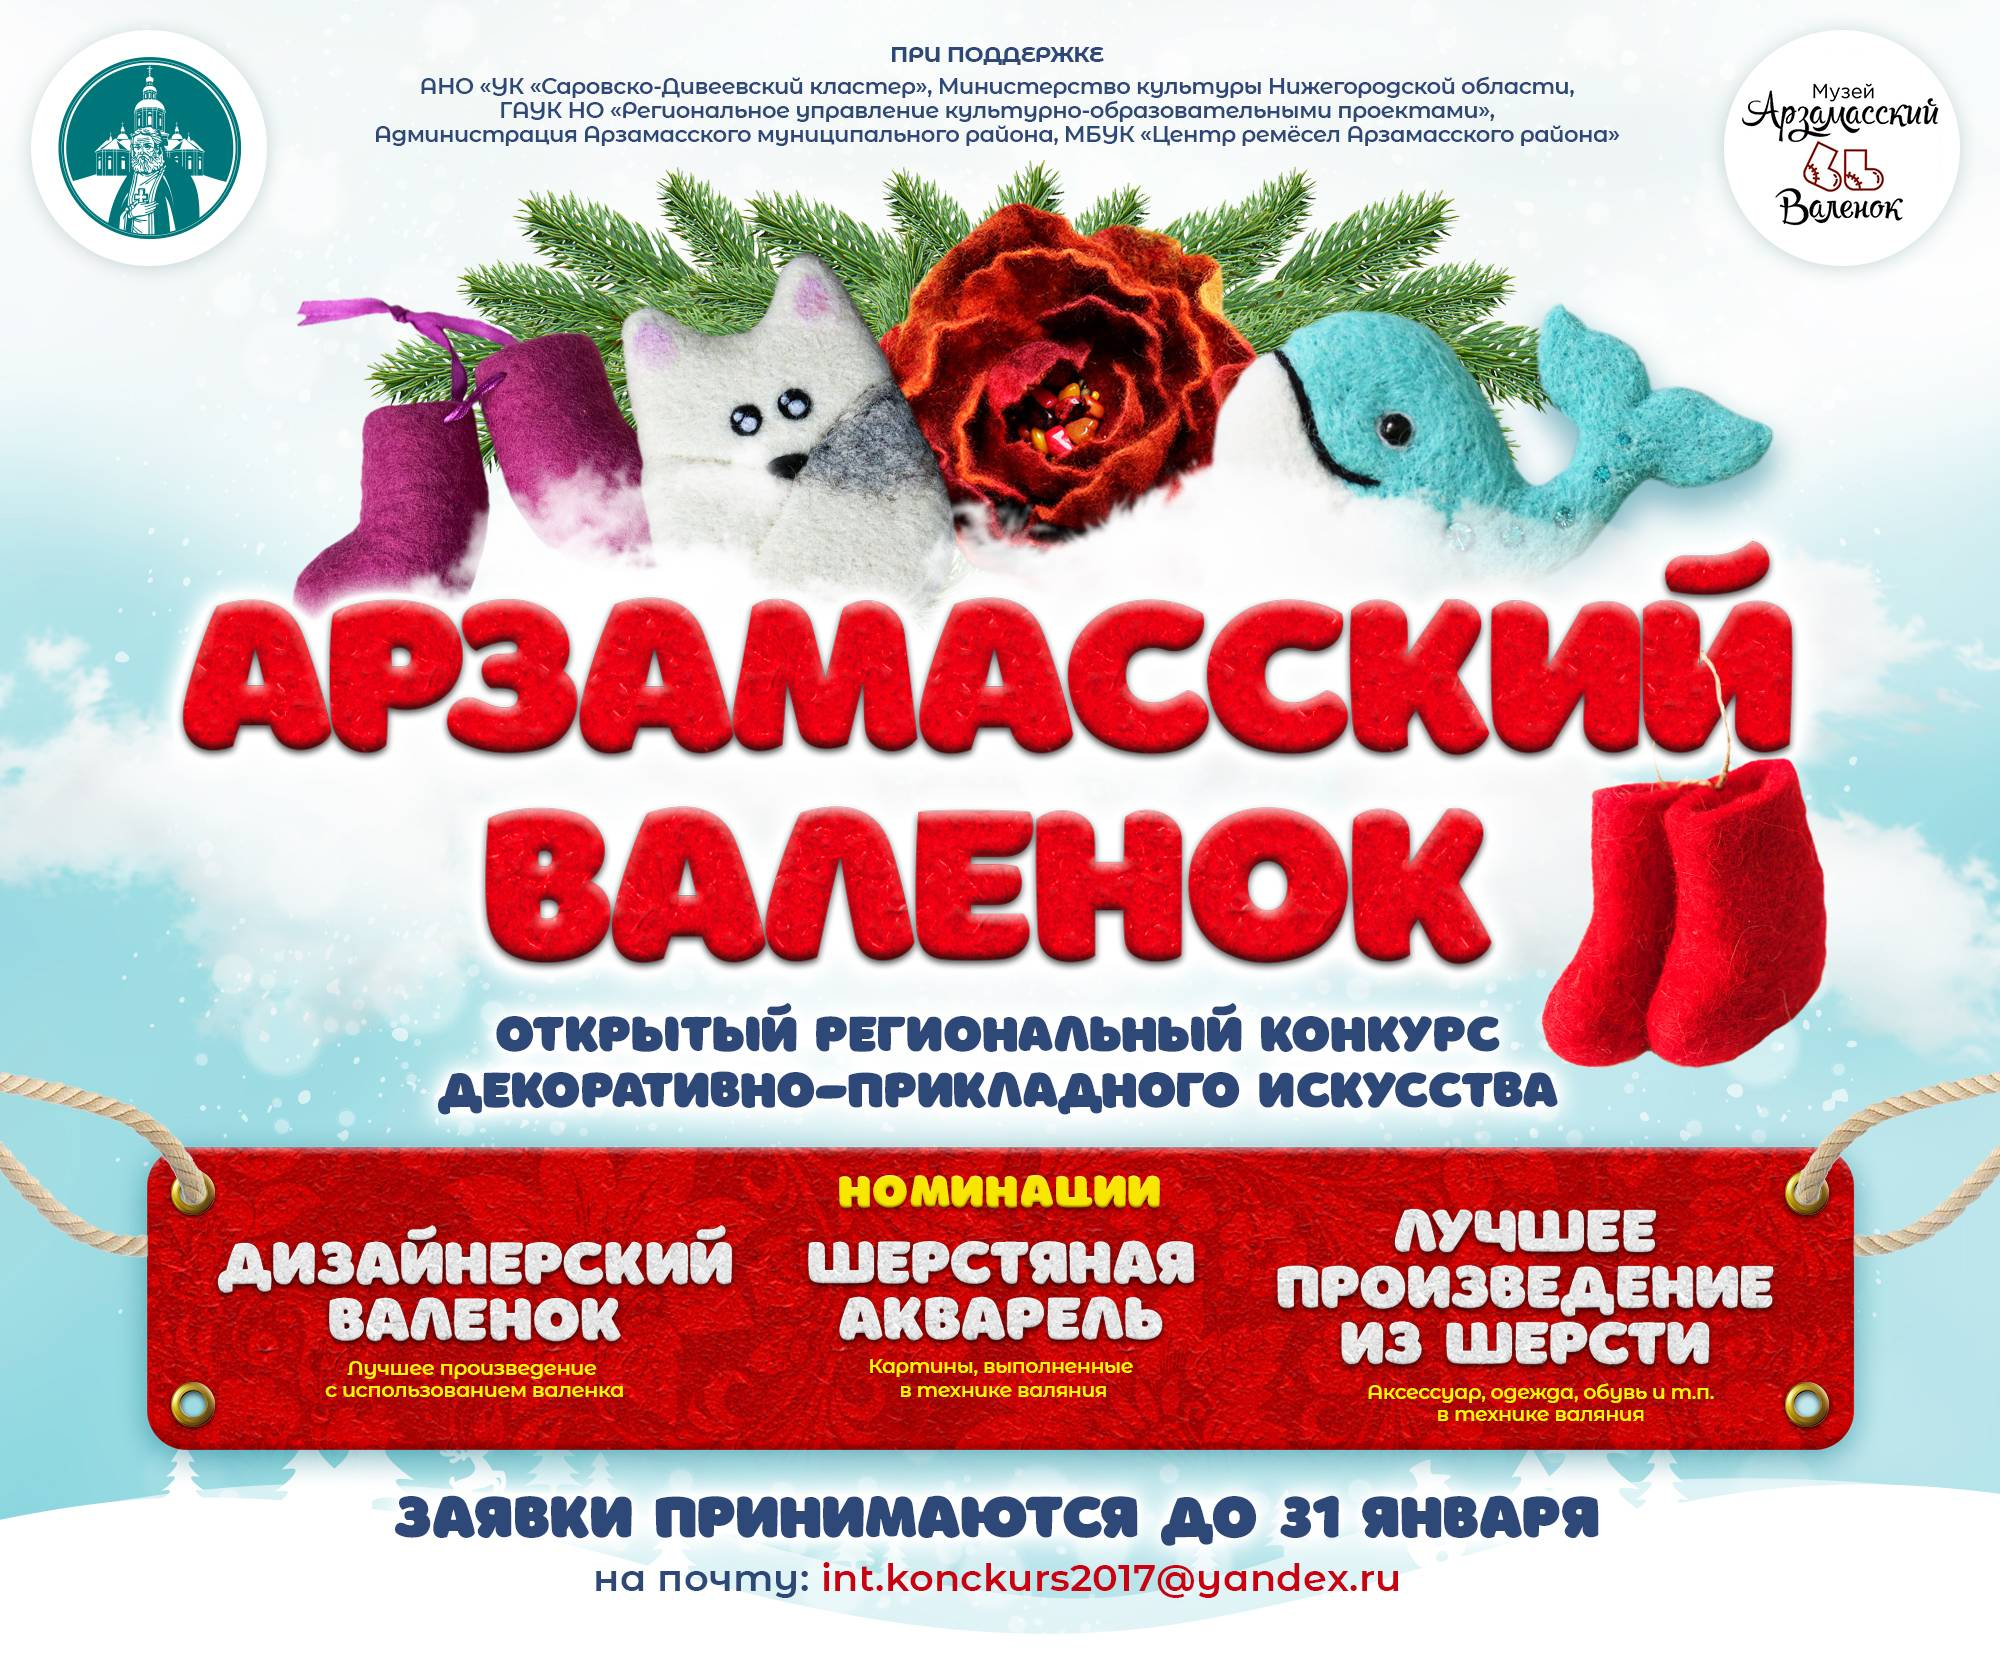 Продолжается прием заявок на конкурс декоративно-прикладного искусства «Арзамасский валенок»